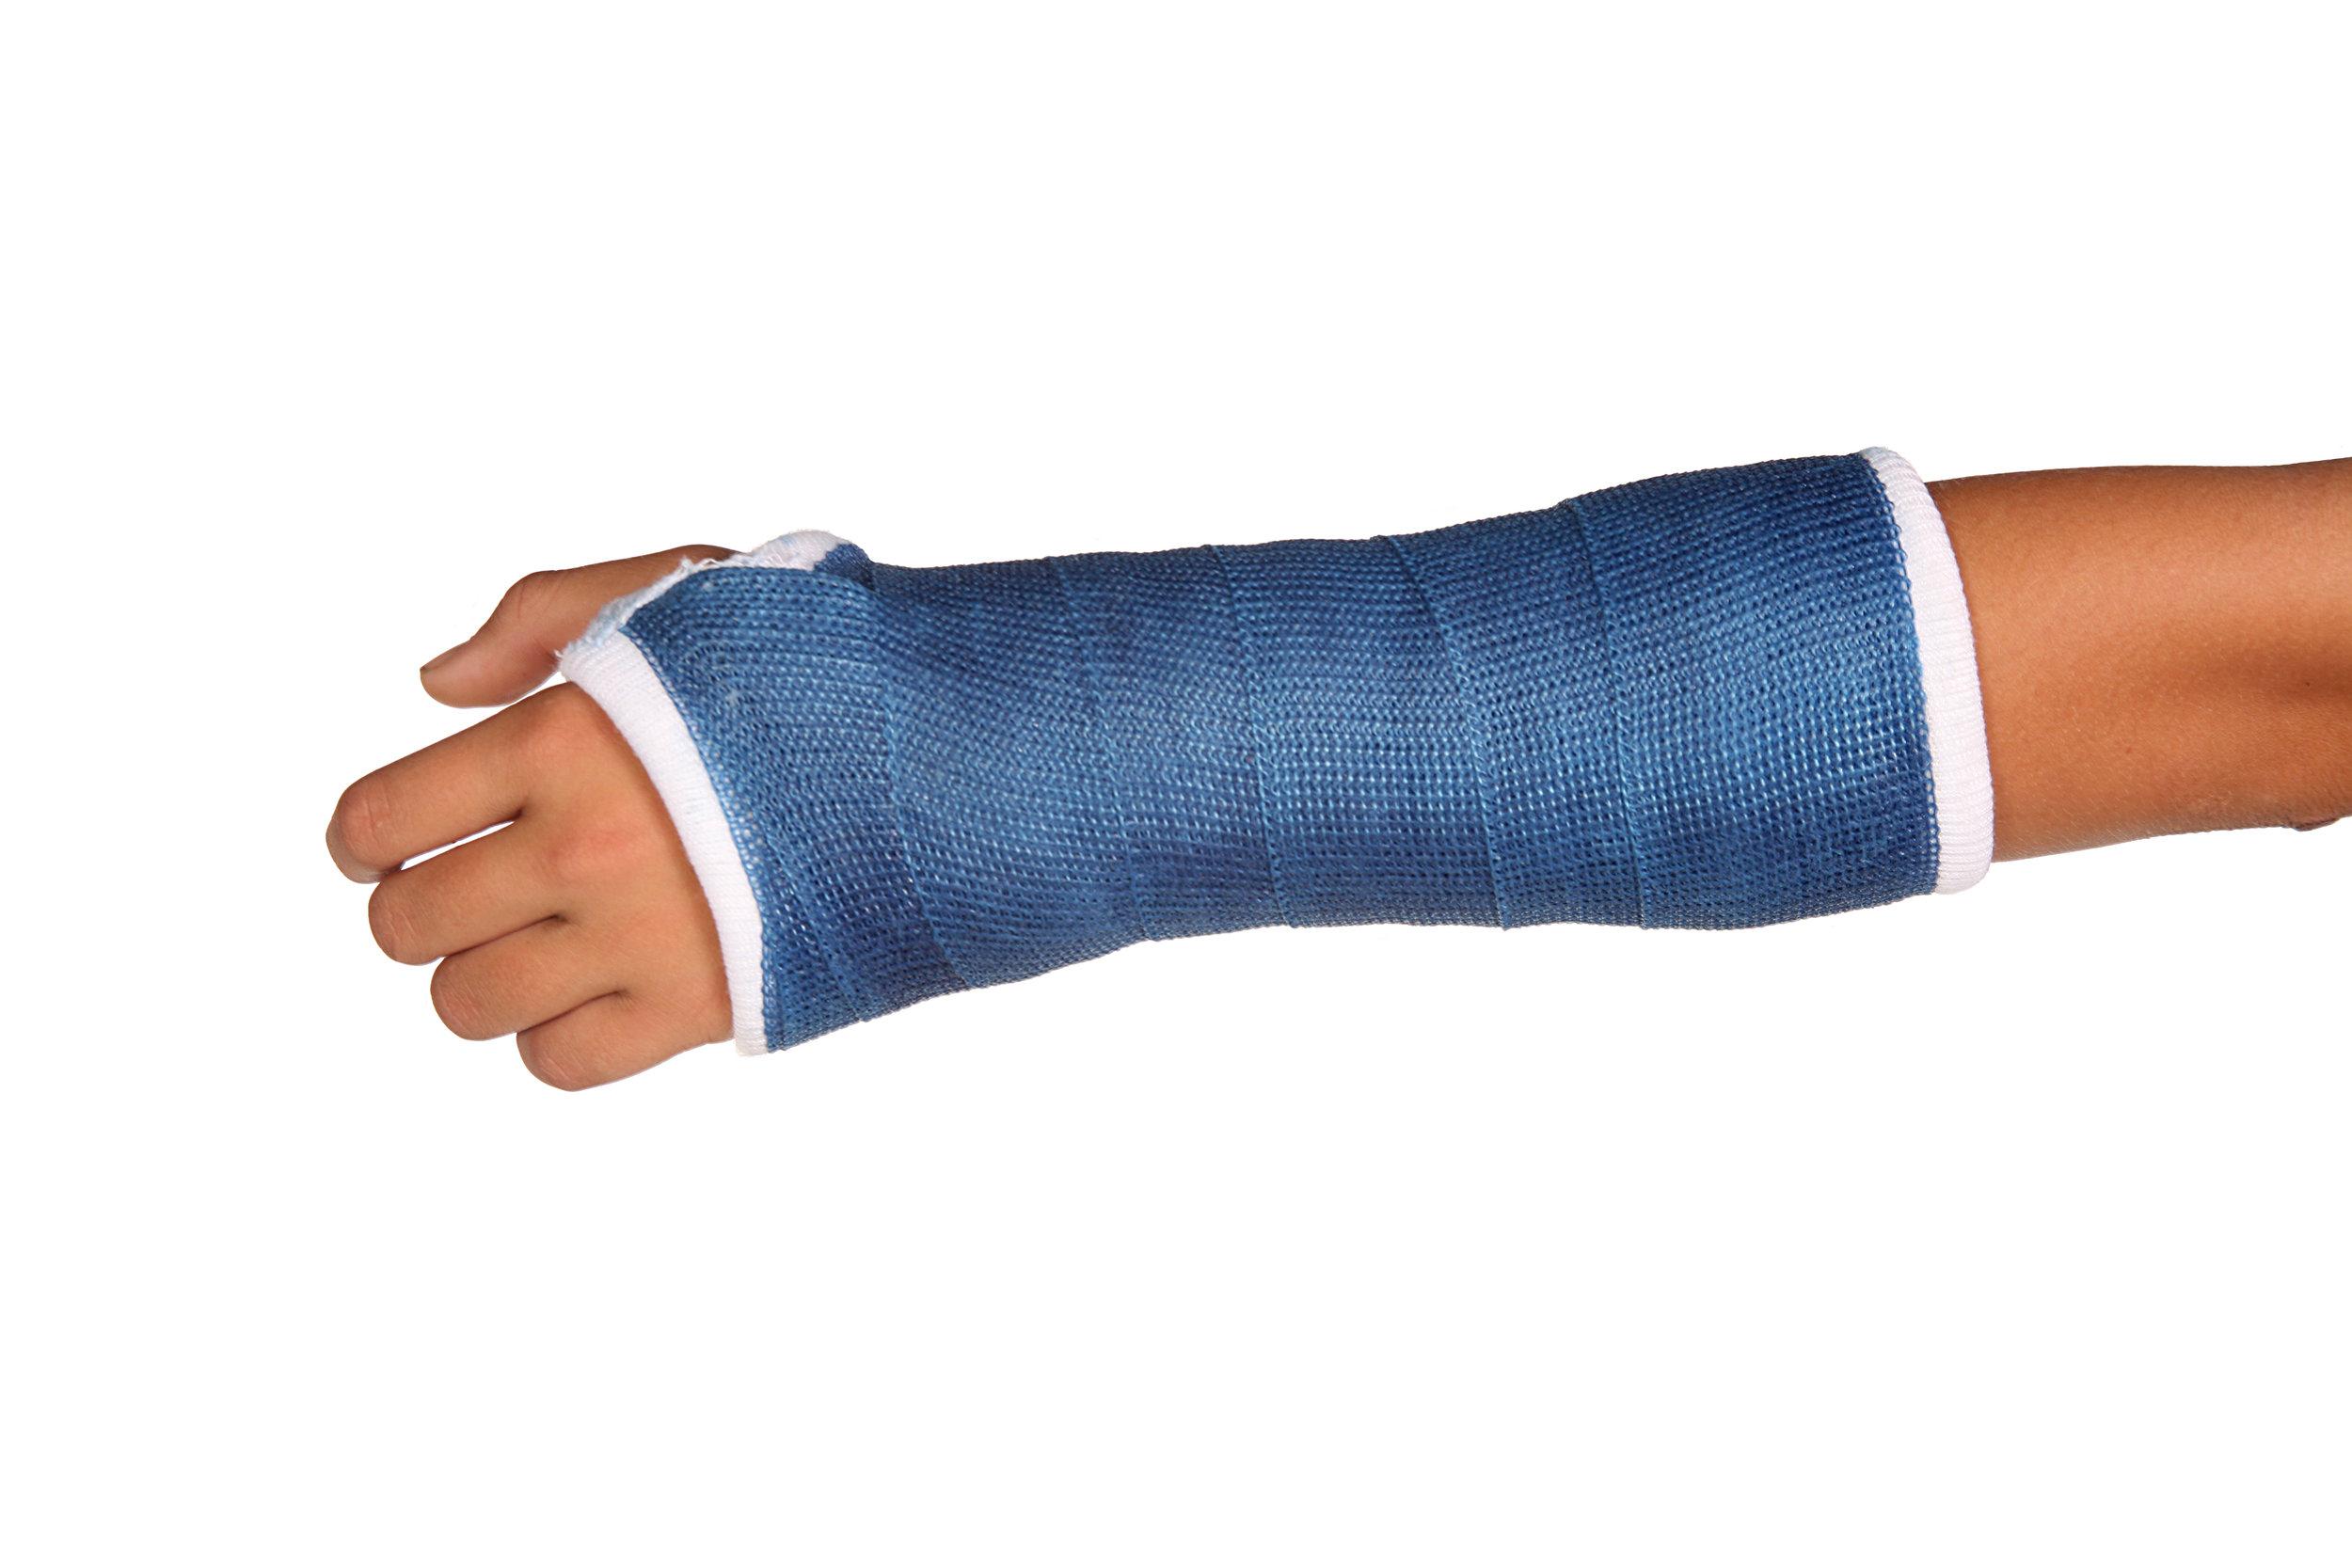 I broke my wrist, now what?